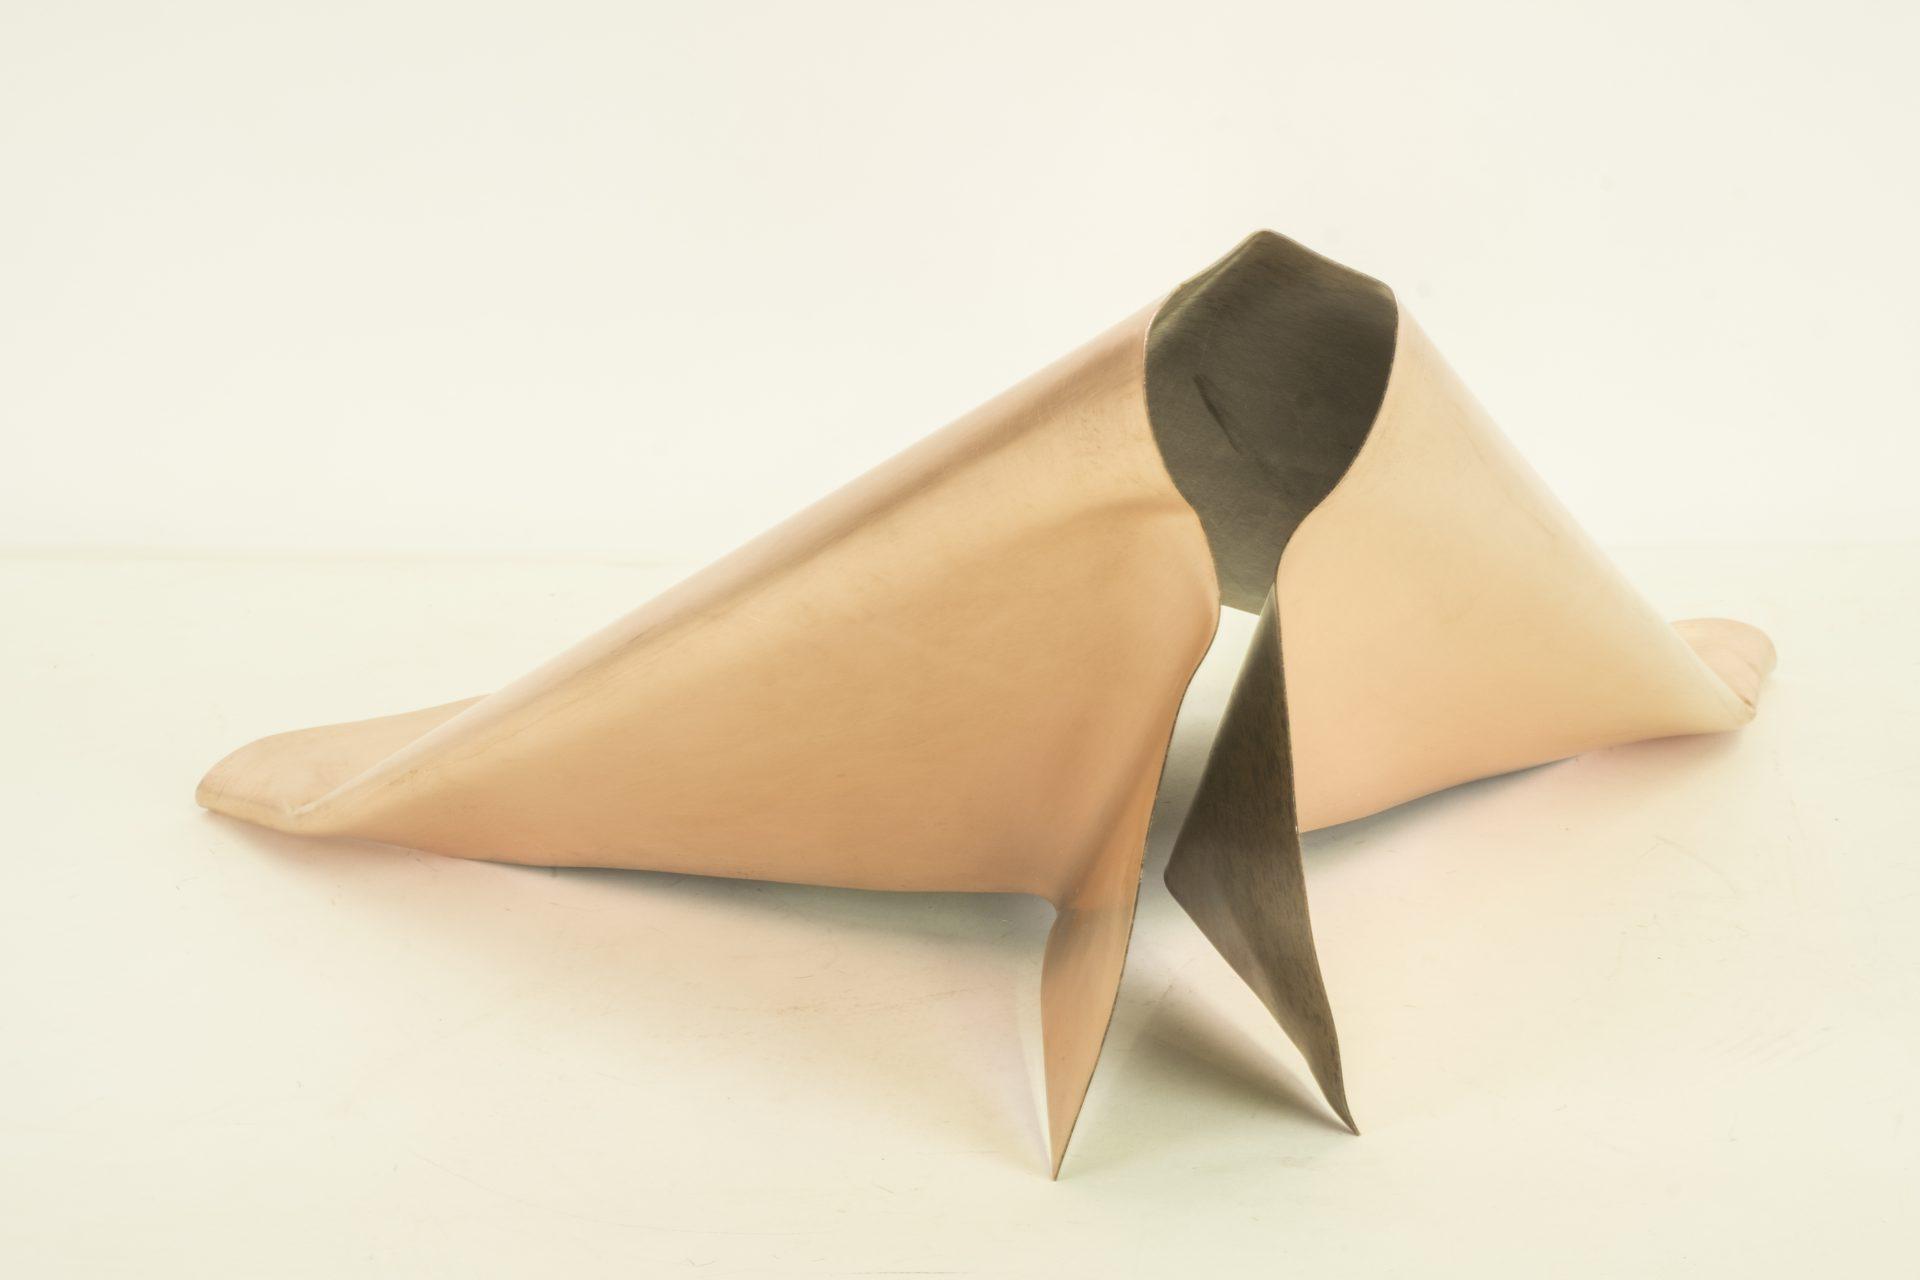 Genitori Forti<br>SPR08<br>misure: 64 x 50 x 28 cm<br>tecnica: scultura di rame<br>anno: 2018